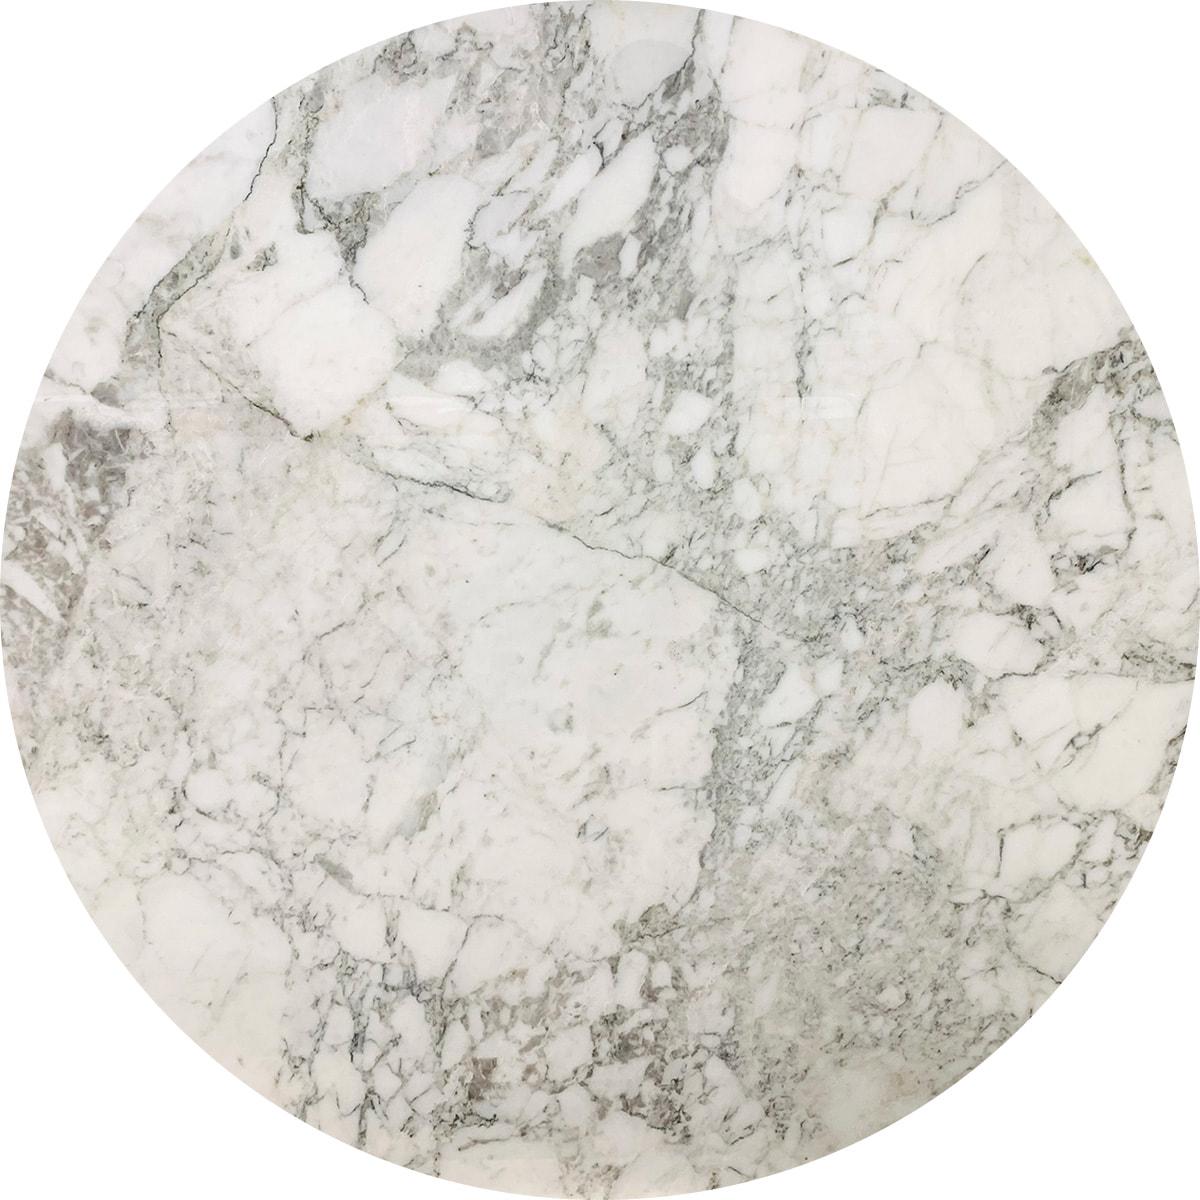 Saarinen Collection Round Tables(サーリネンテーブル) 1200mm アラベスカート 176TRMA2 (017)